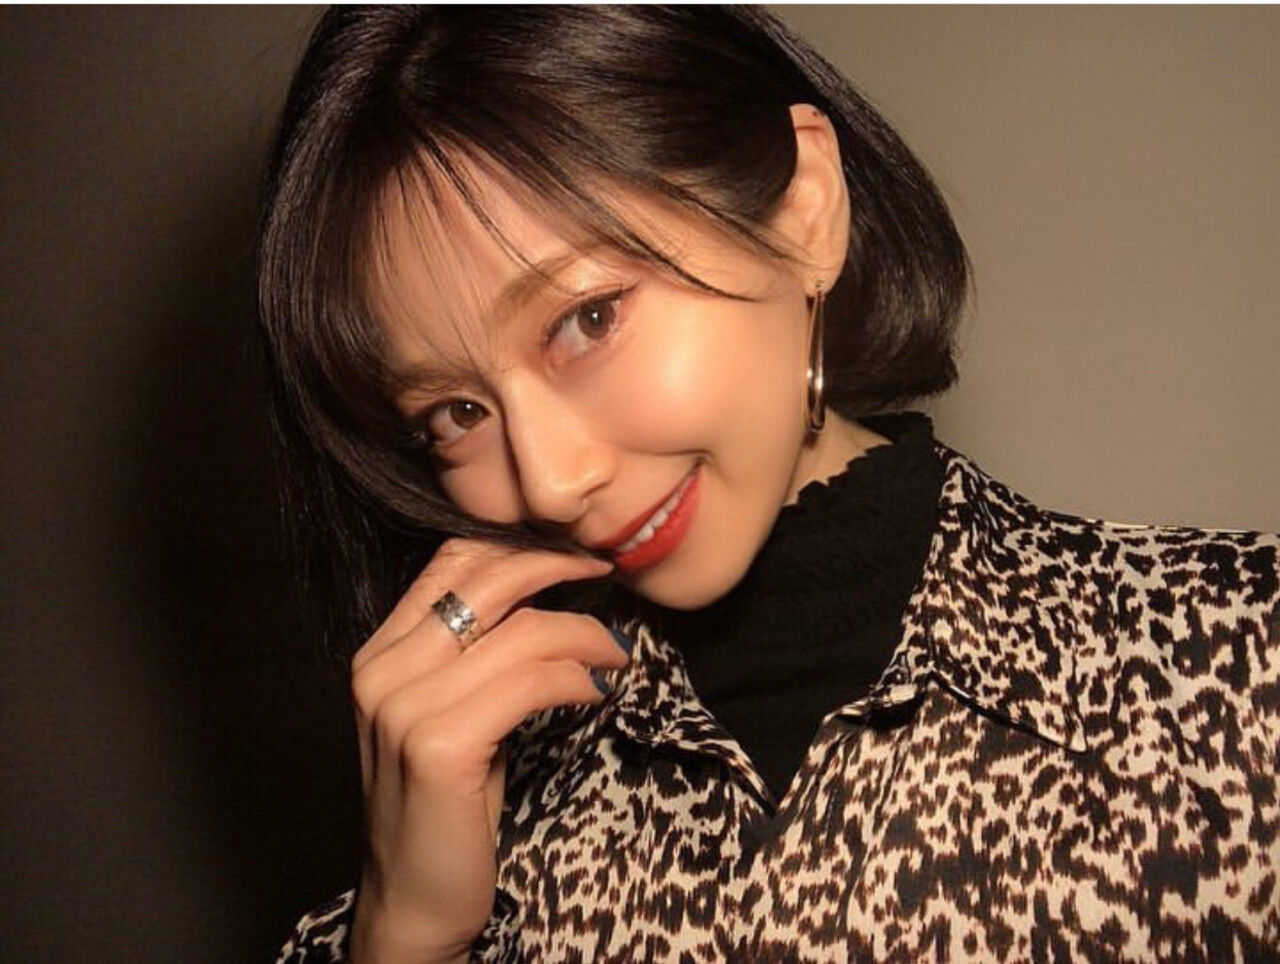 韓国風ヘアー 韓国 コリアンネイビー オルチャンヘアスタイルや髪型の写真・画像